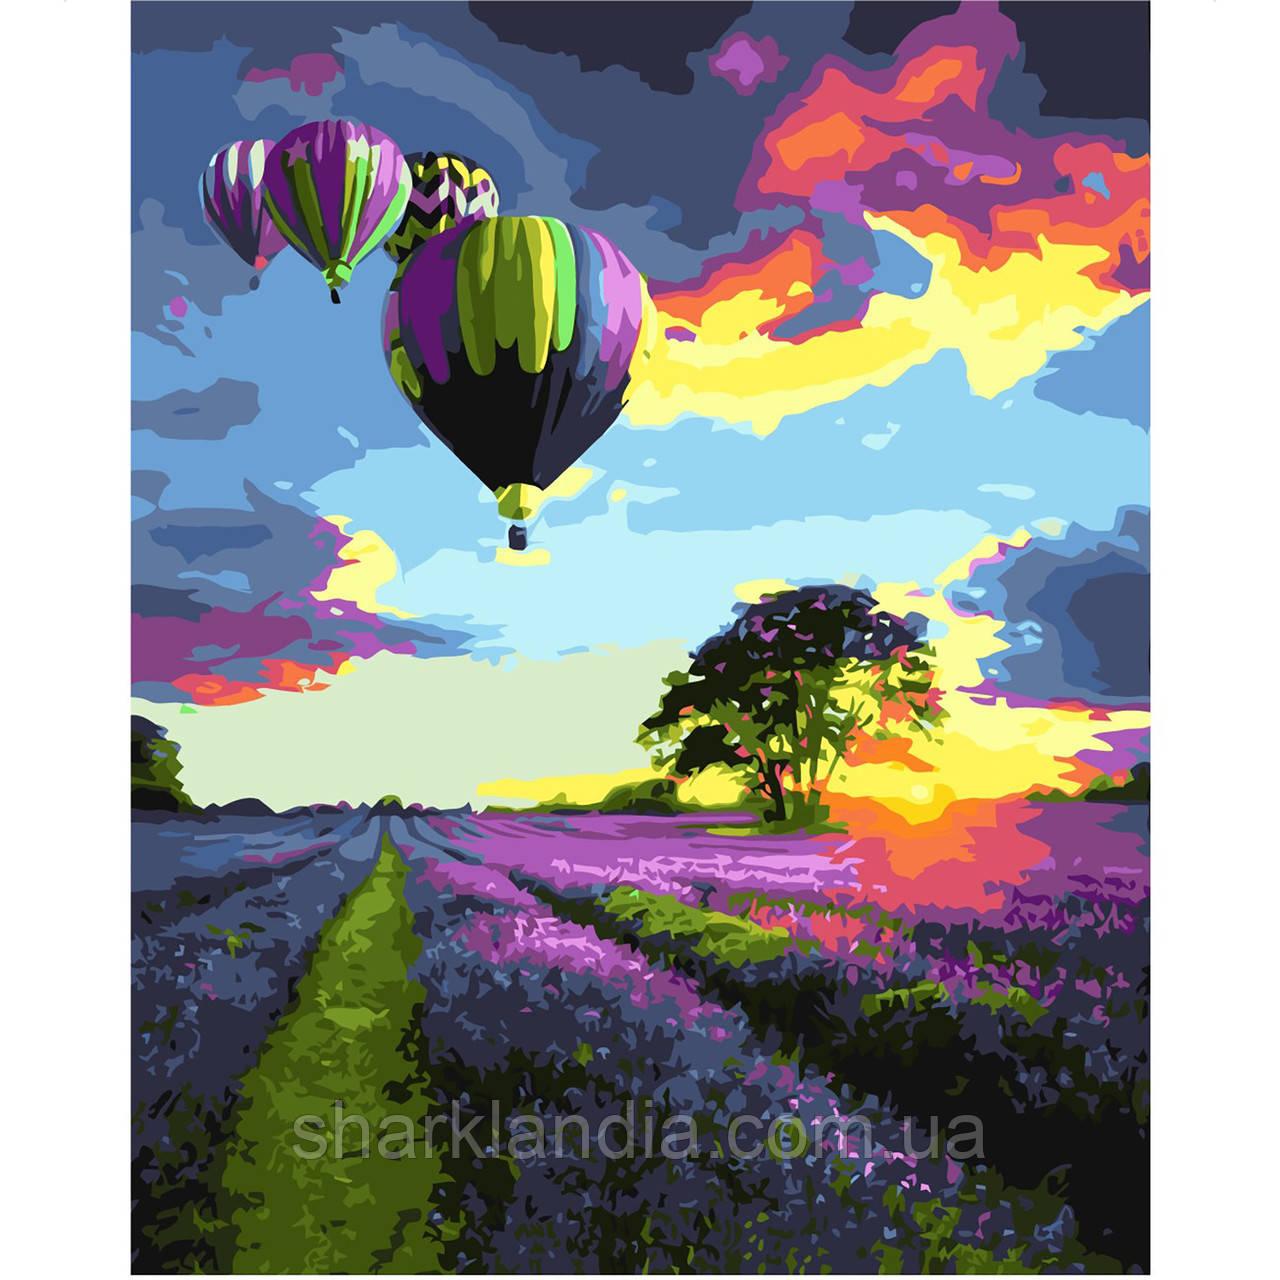 Картина по номерам Воздушные шары над лавандовым полем 40х50см Strateg Раскраска по цифрам